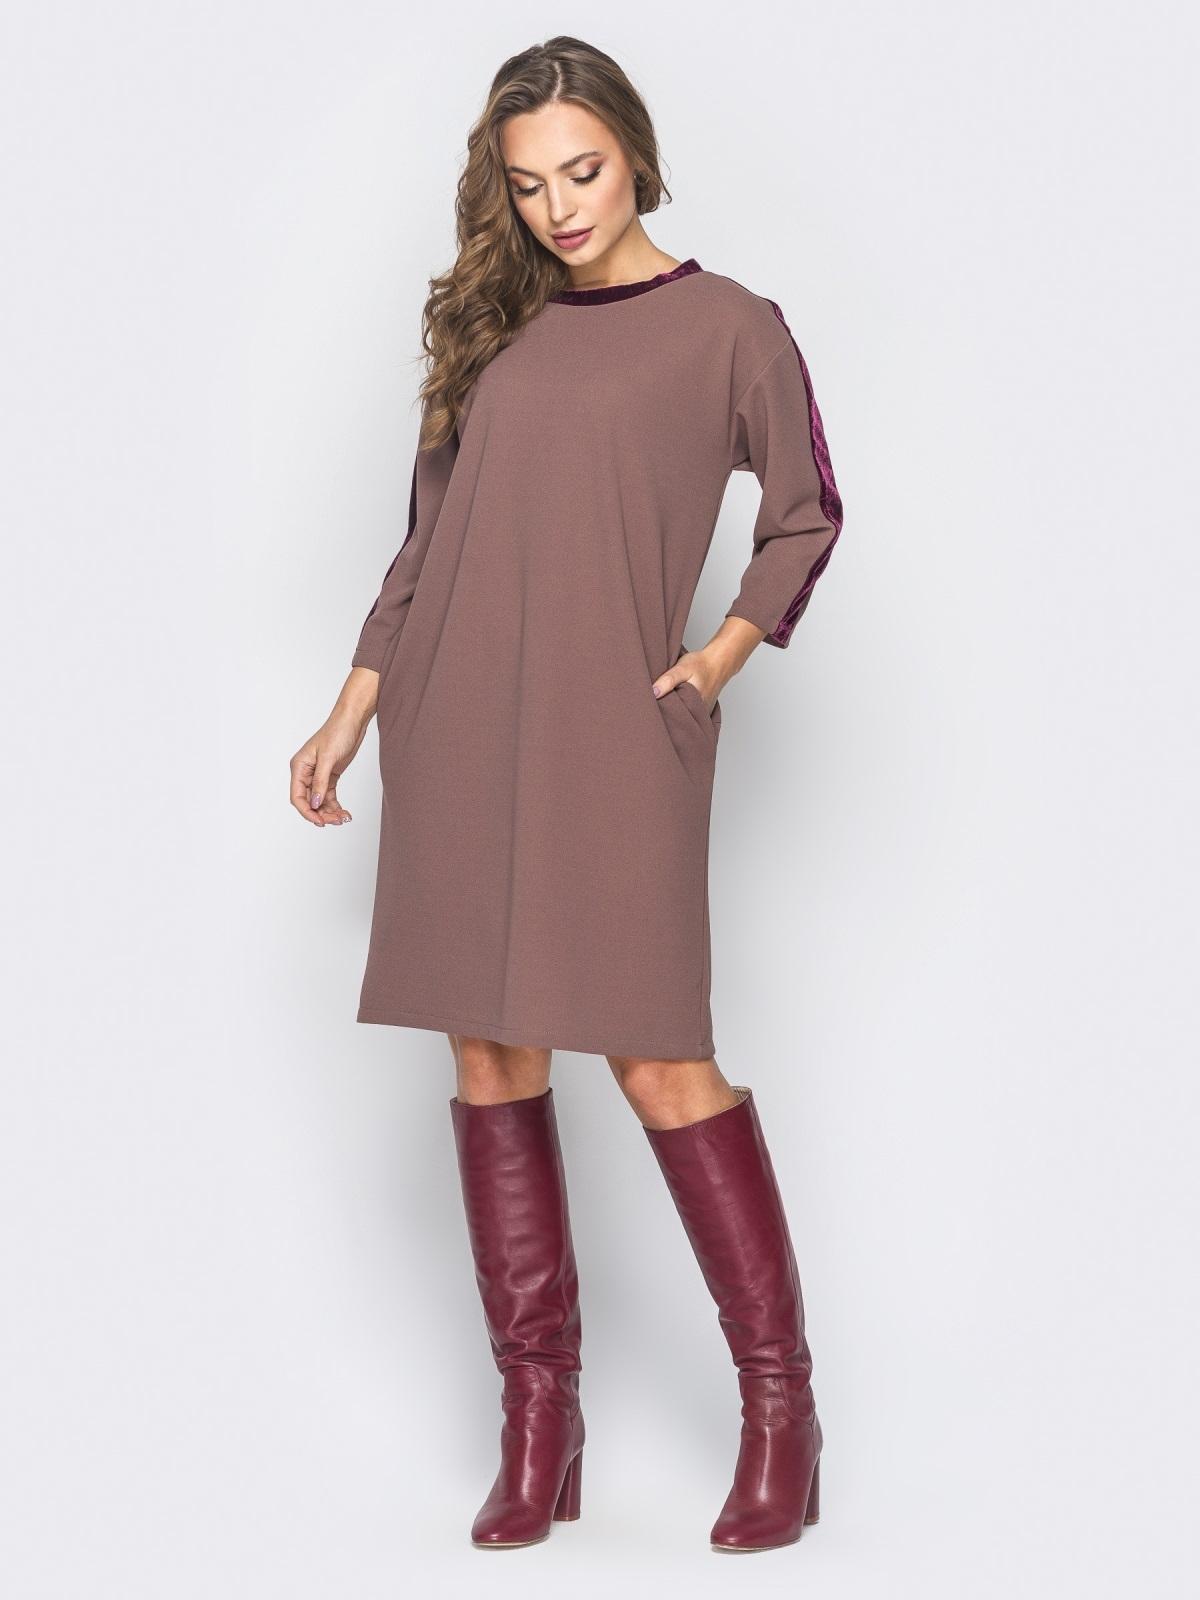 Платье бежевого цвета с велюровыми лампасами - 19170, фото 1 – интернет-магазин Dressa